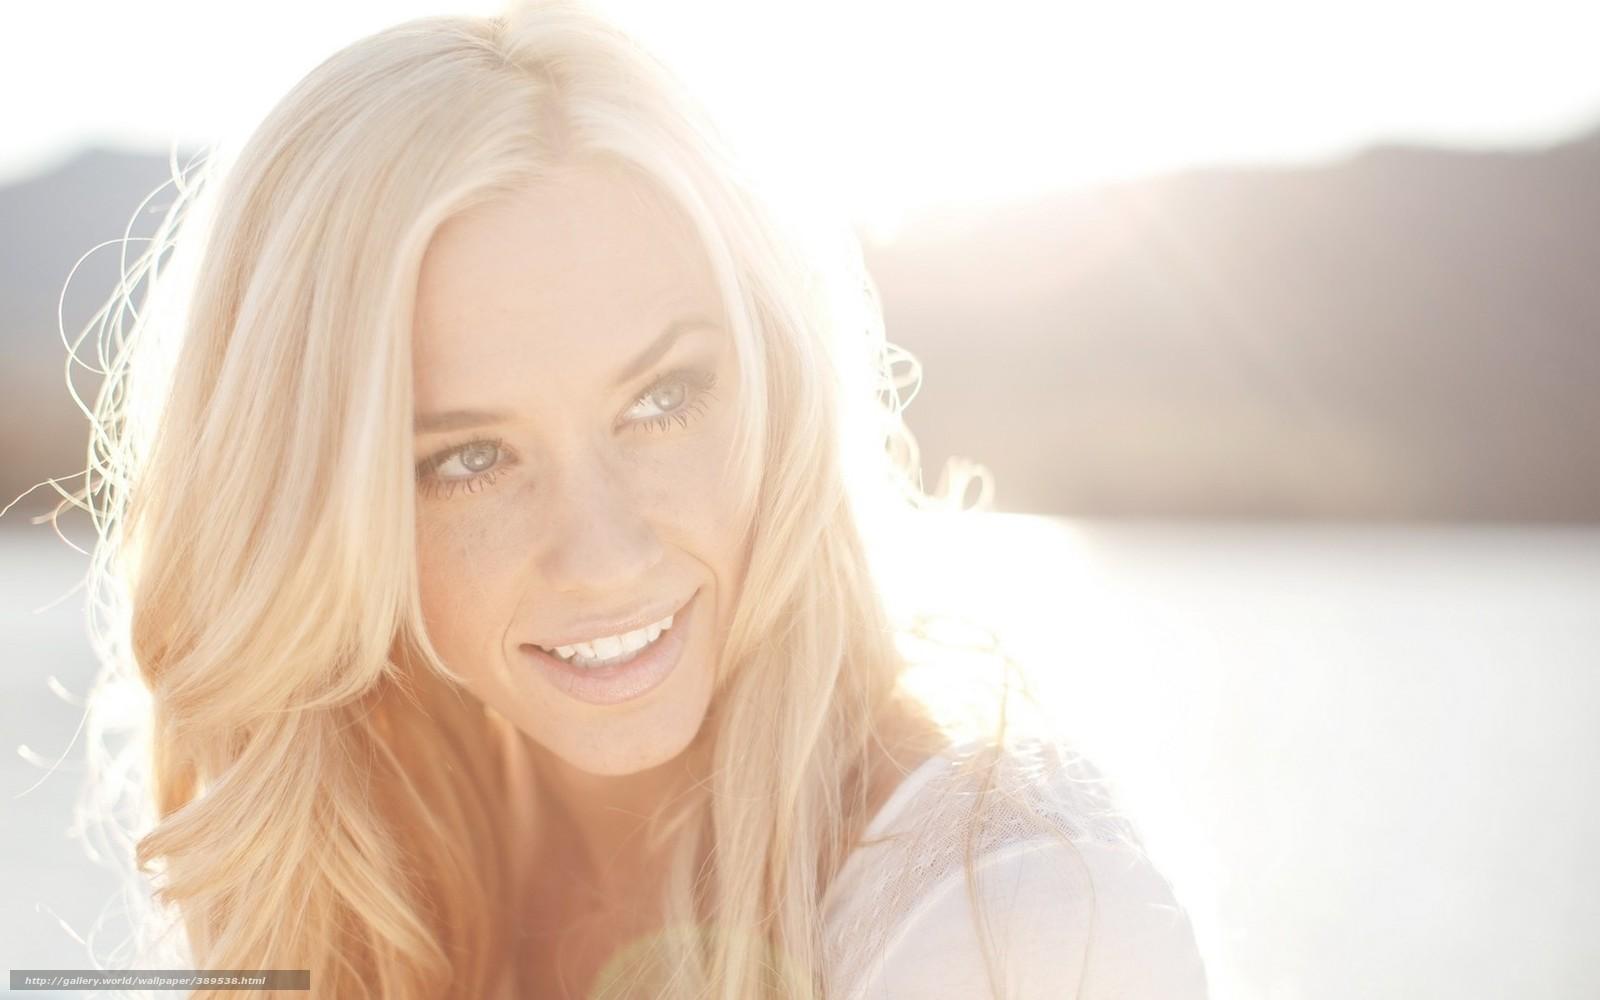 Эмо девушки блондинки одна самая красивая 14 фотография